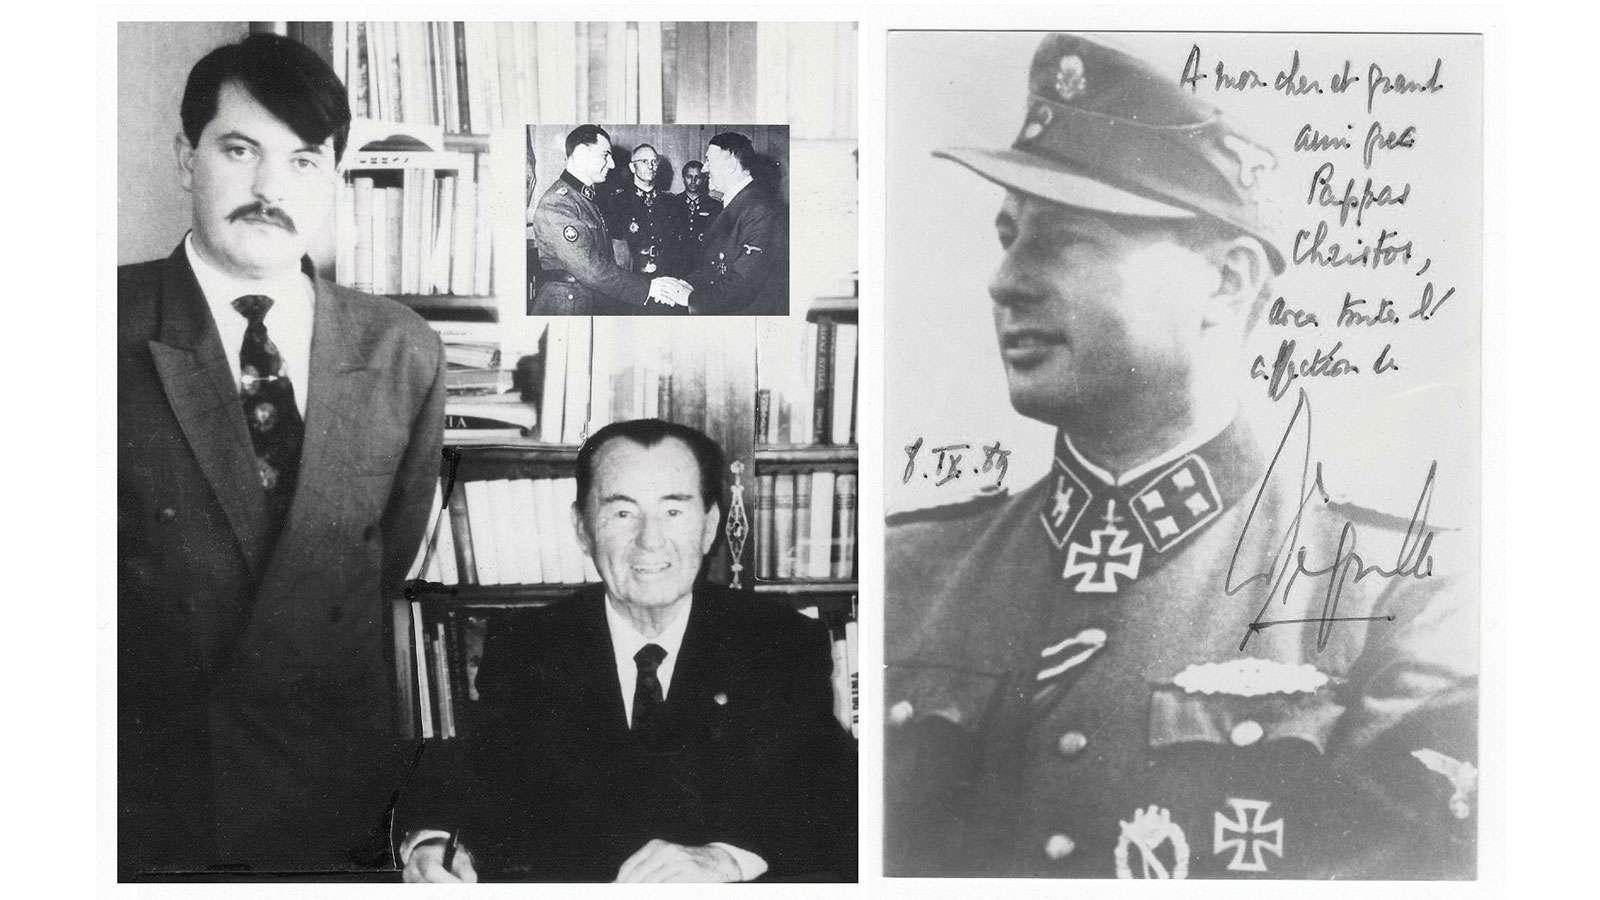 Στα δεξιά, φωτογραφία του Λ. Ντεγκρέλ με αφιέρωση στον «αγαπητό του φίλο Χρ. Παππά με μεγάλη εκτίμηση»